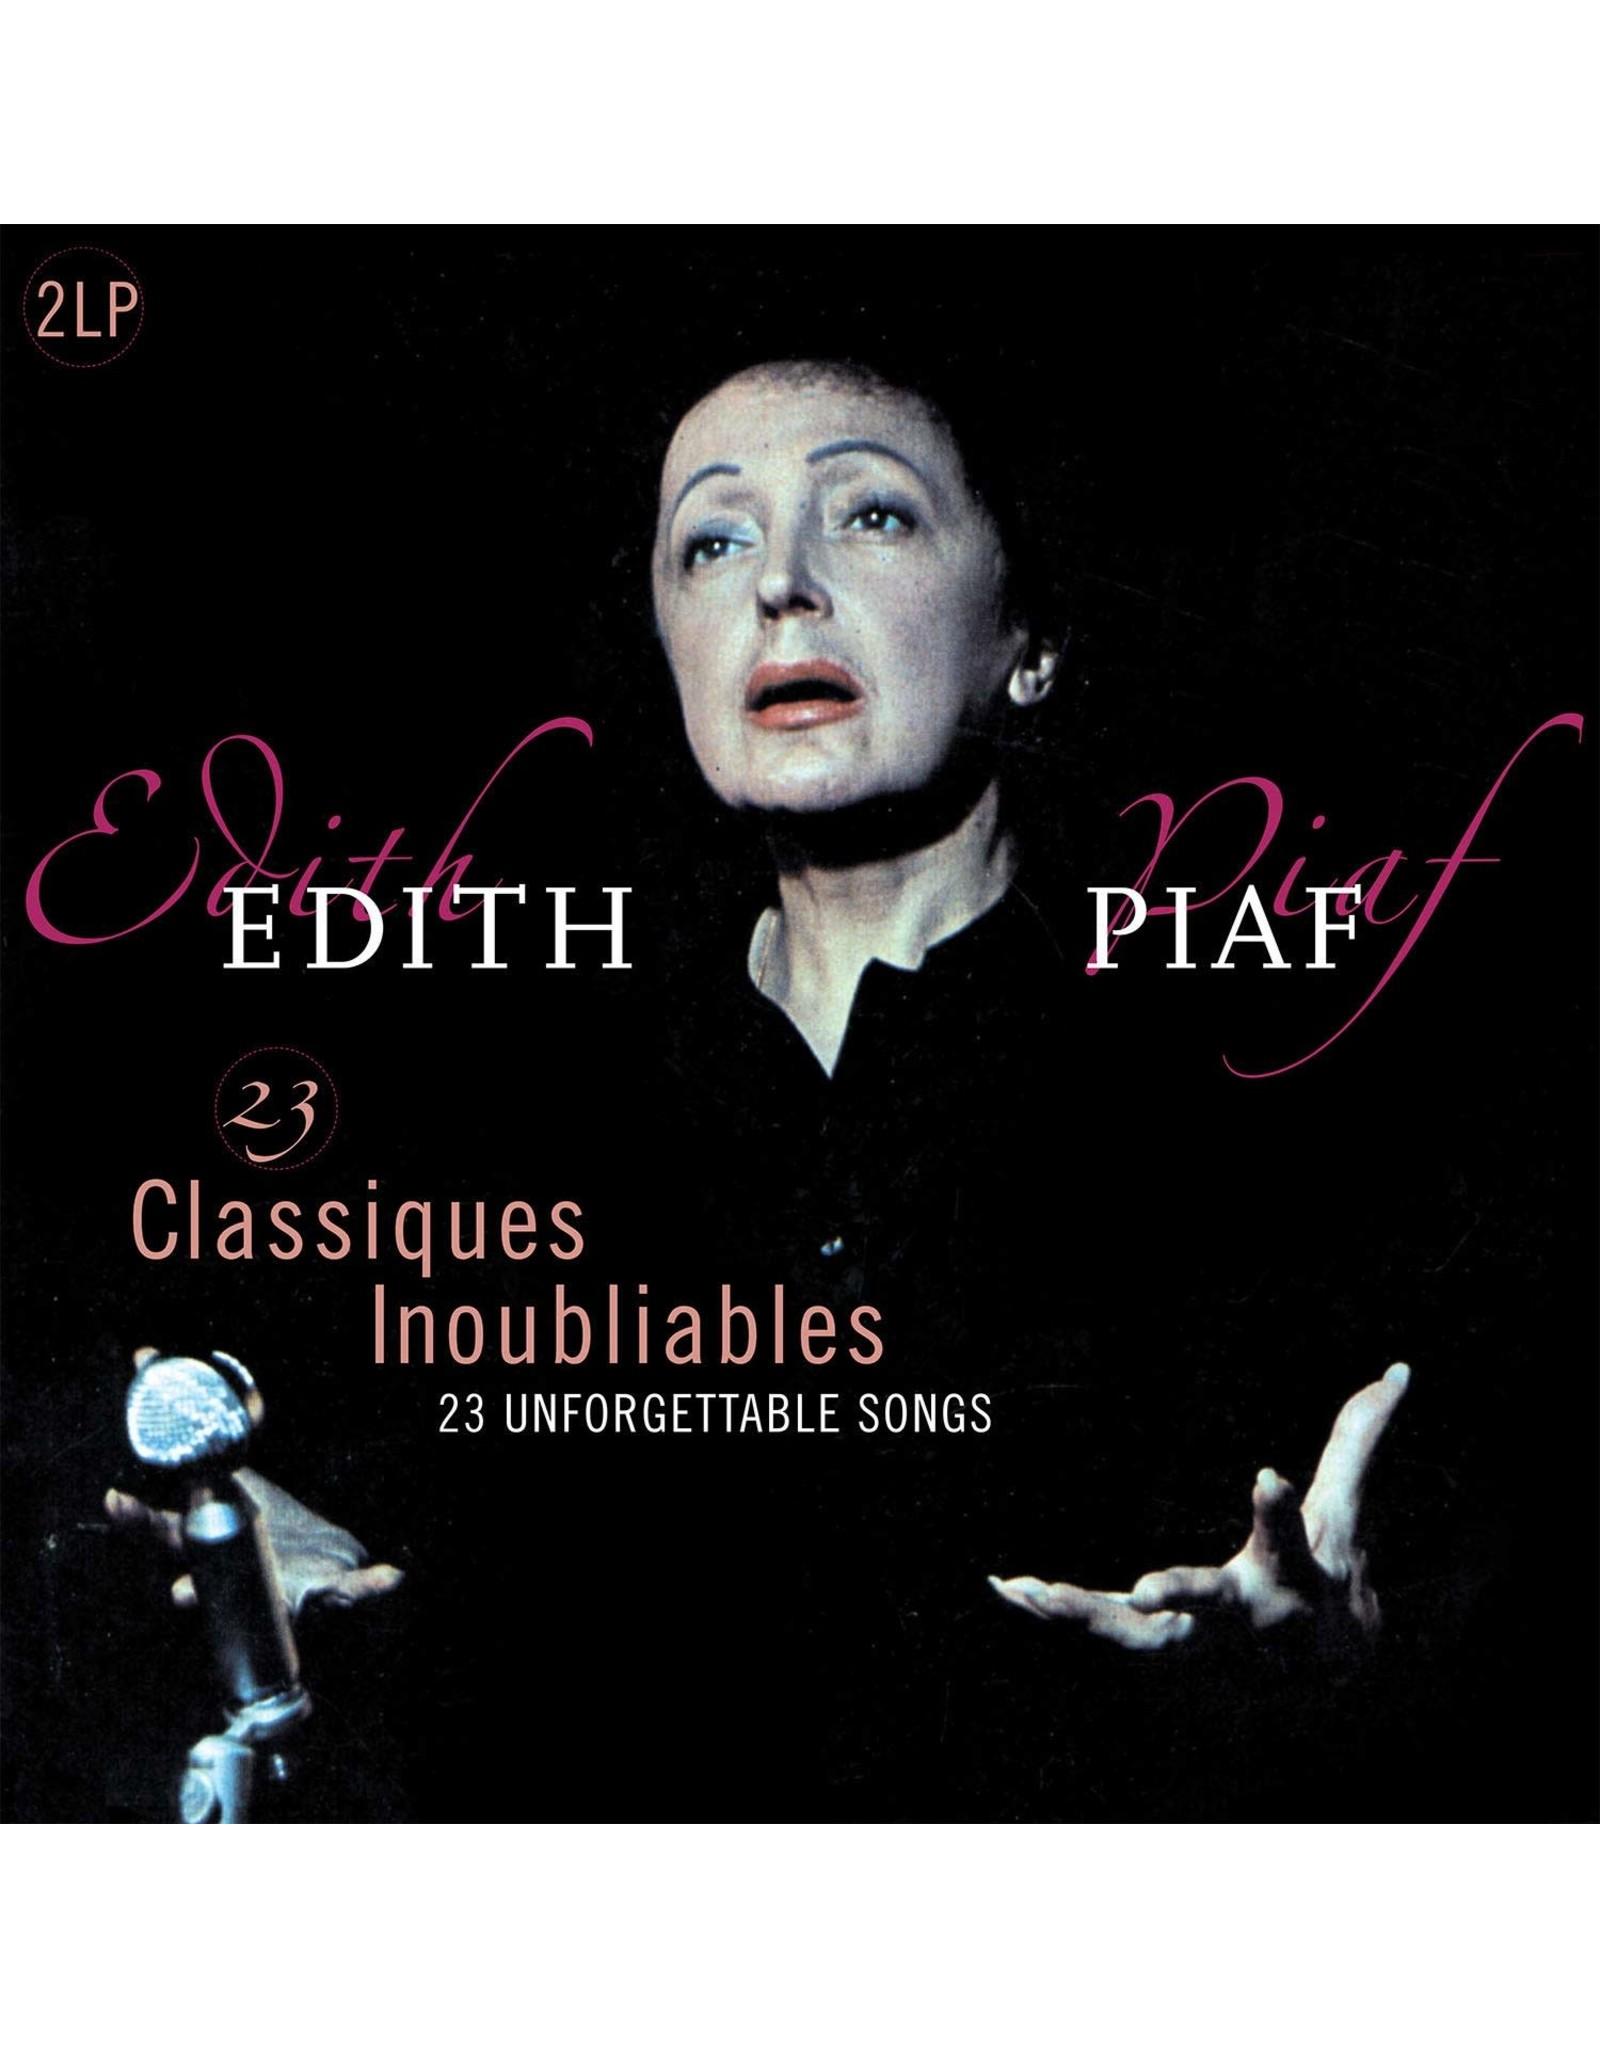 New Vinyl Edith Piaf - 23 Classiques Inoubliables 2LP